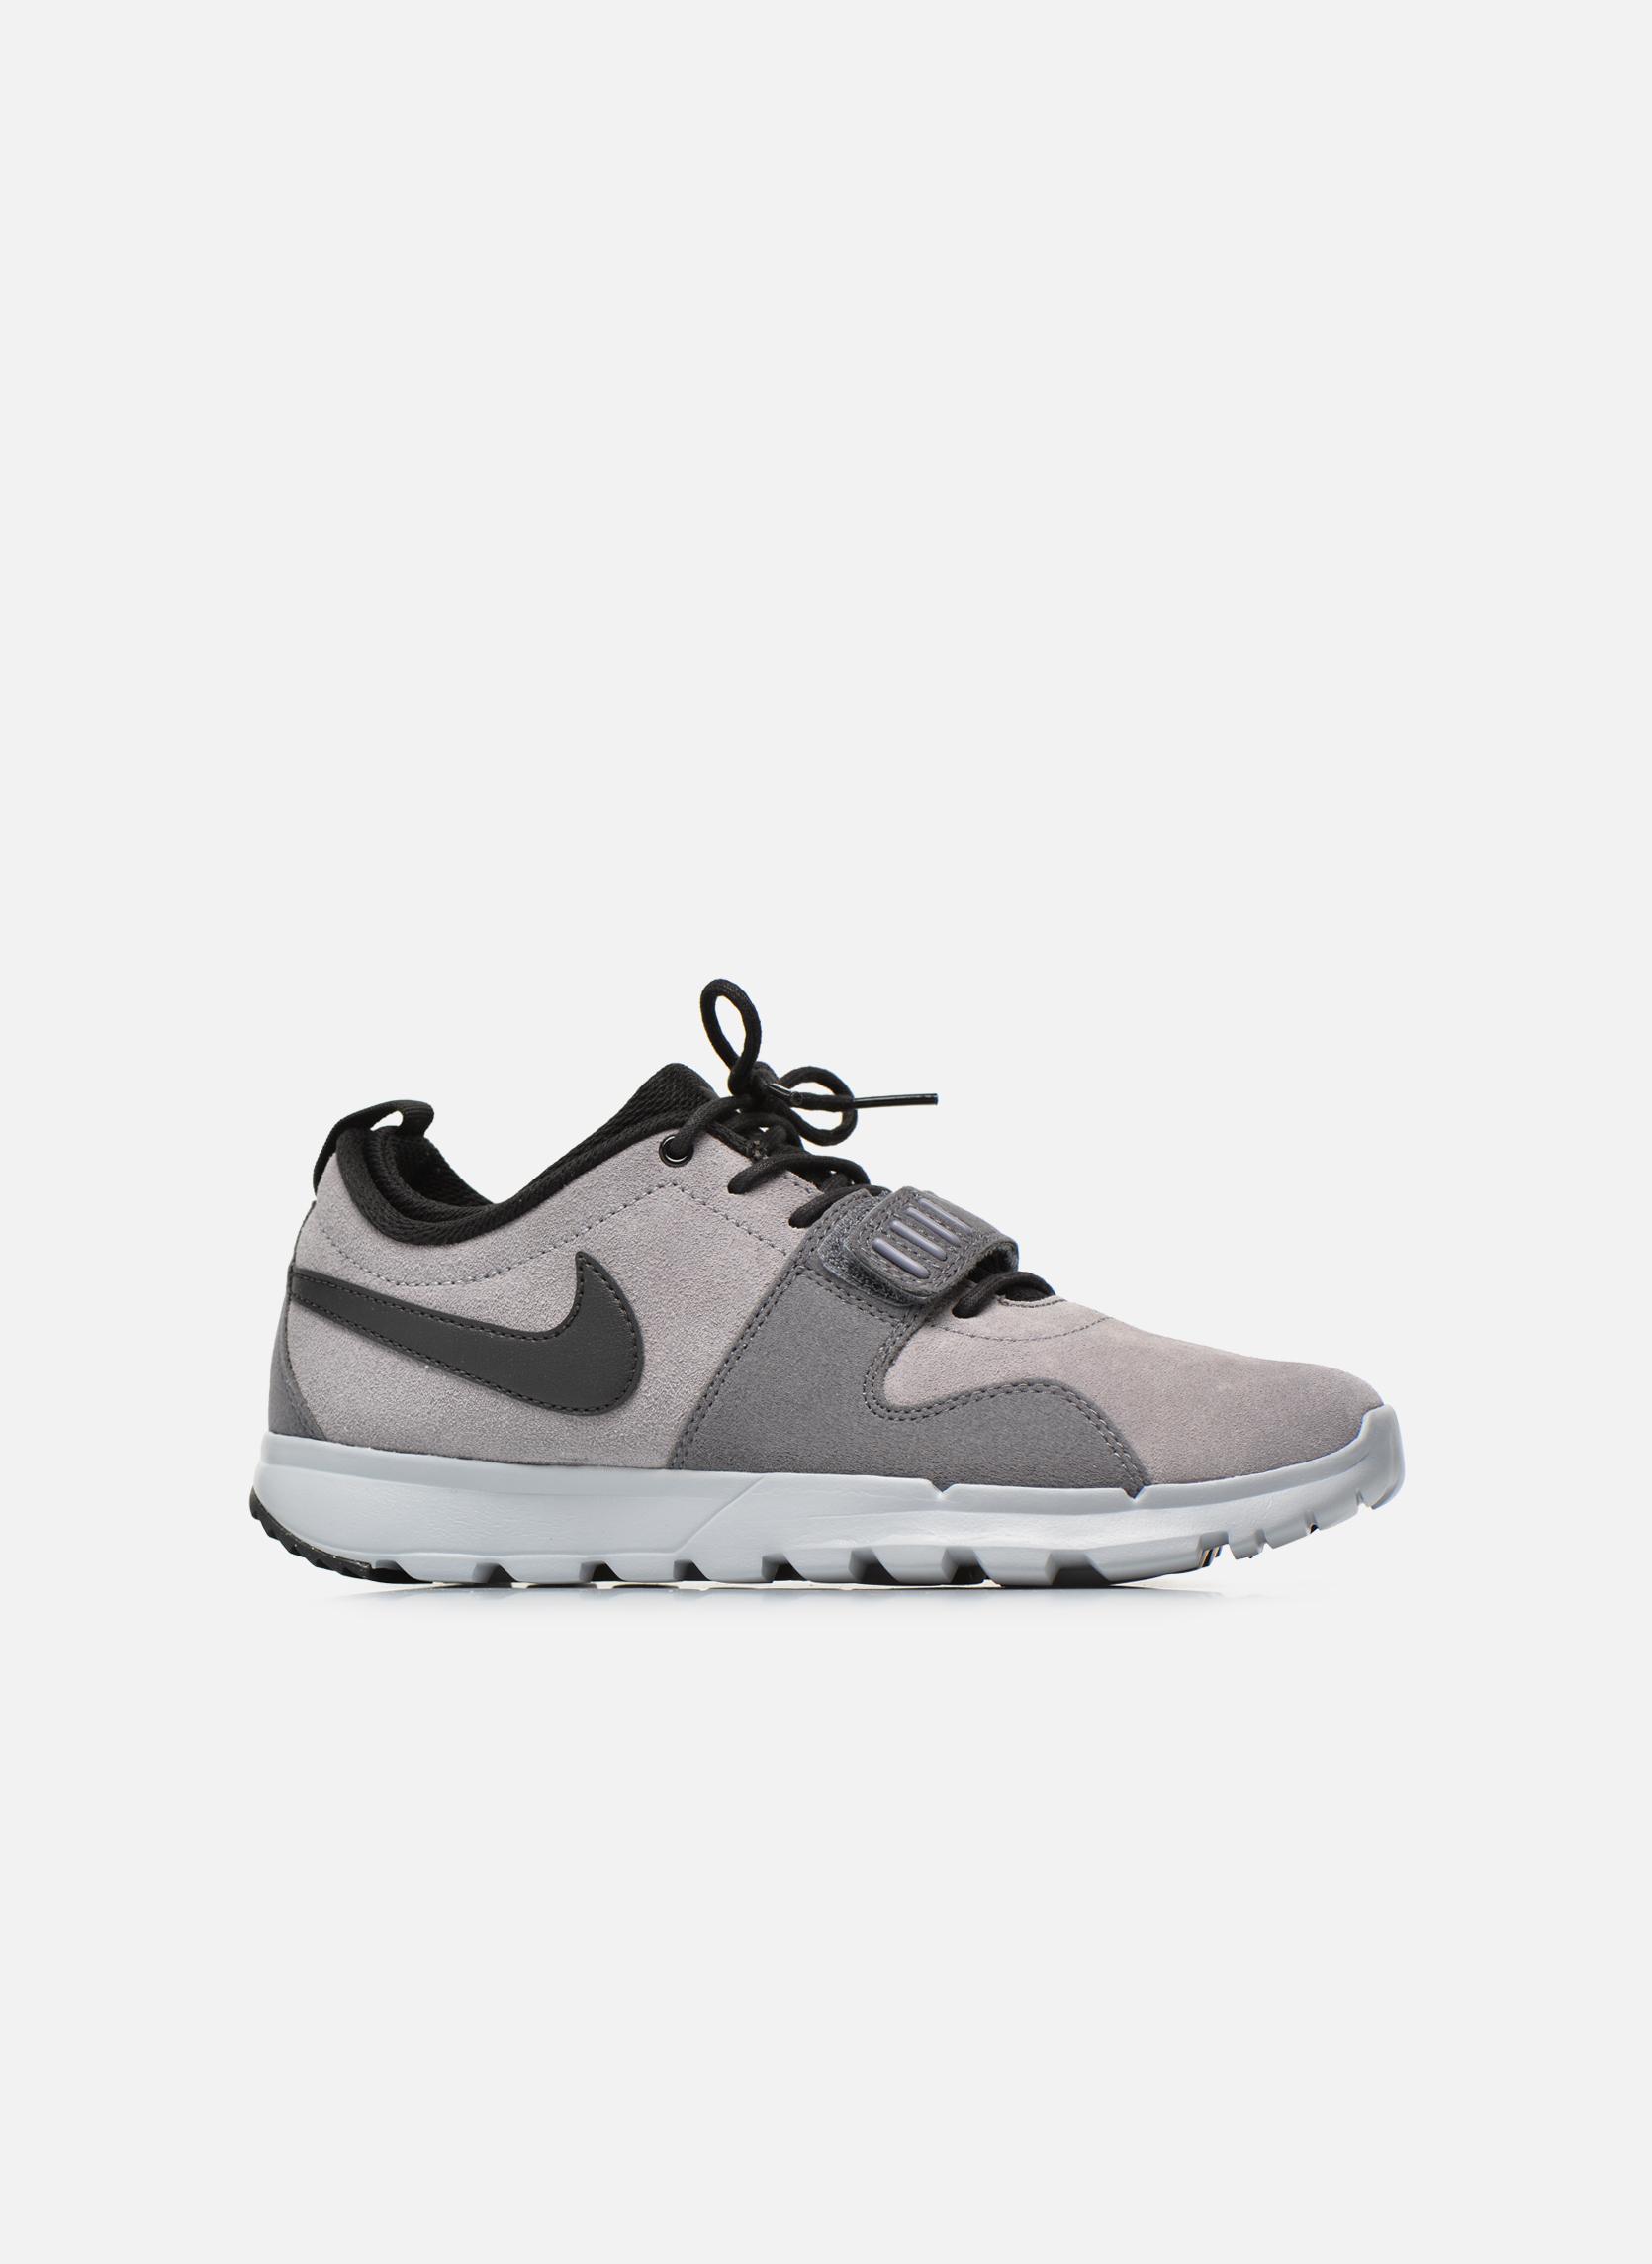 Chaussures de sport Nike Trainerendor L Gris vue derrière